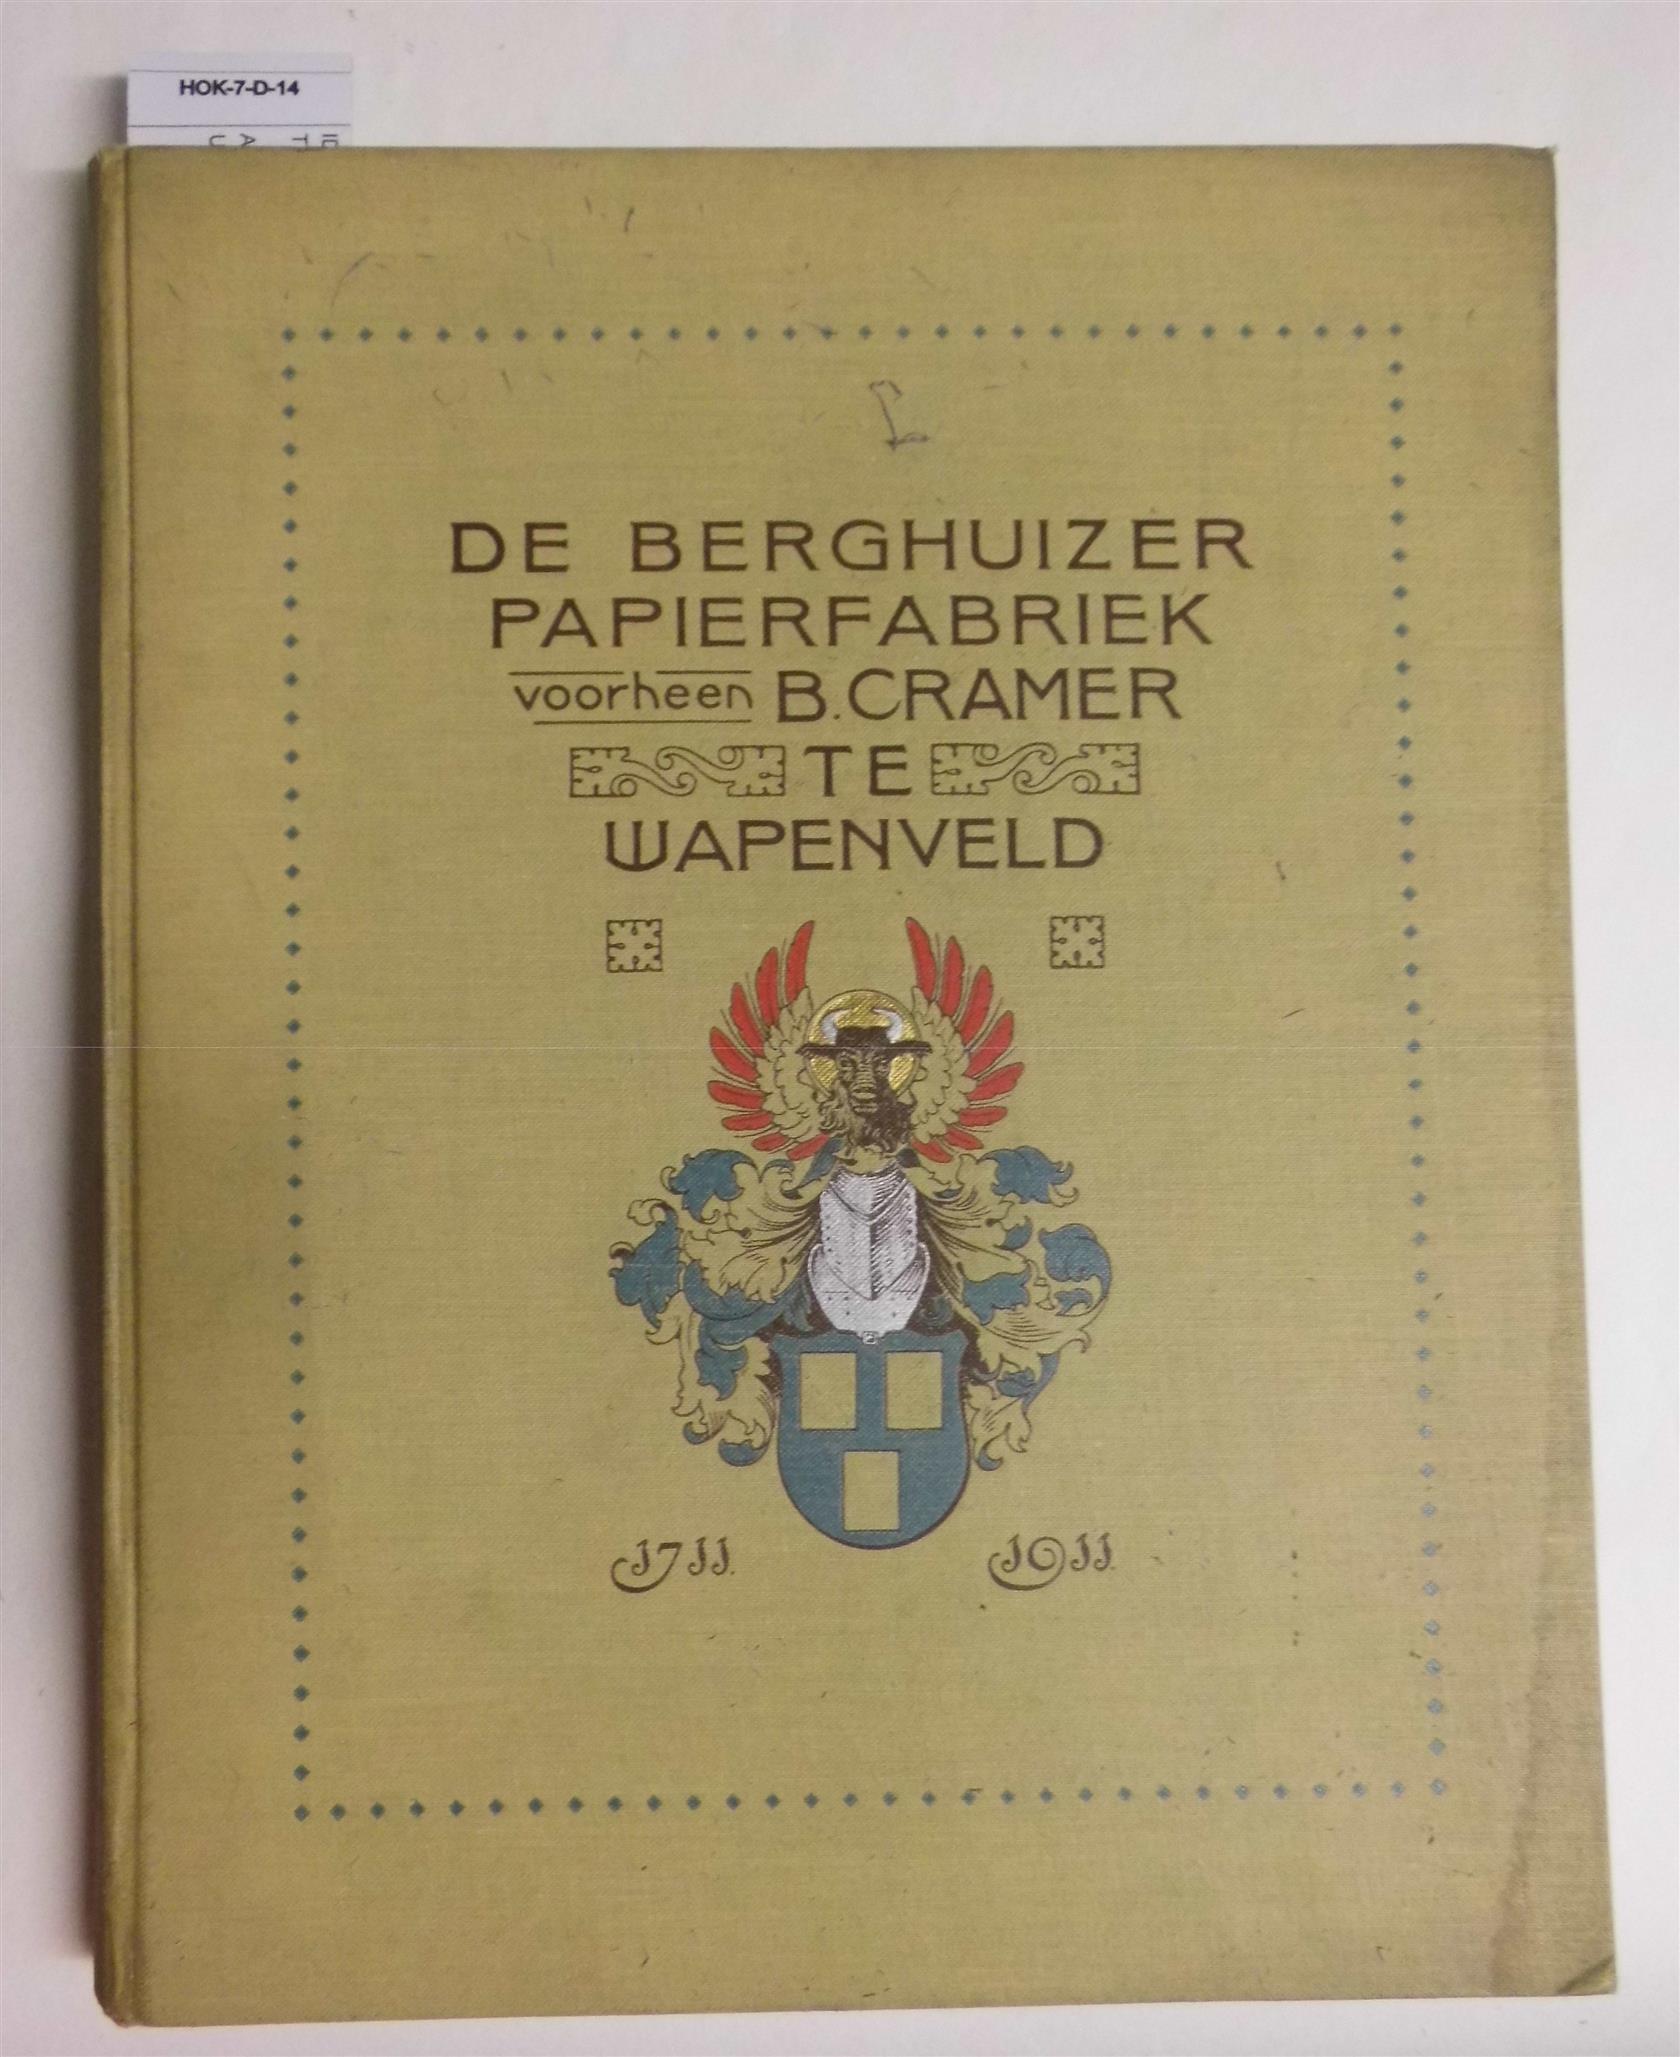 n.n. - Gedenkboek uitgegeven ter gelegenheid van het 200-jarig bestaan der Berghuizer Papierfabriek voorheen B. Cramer, Wapenveld